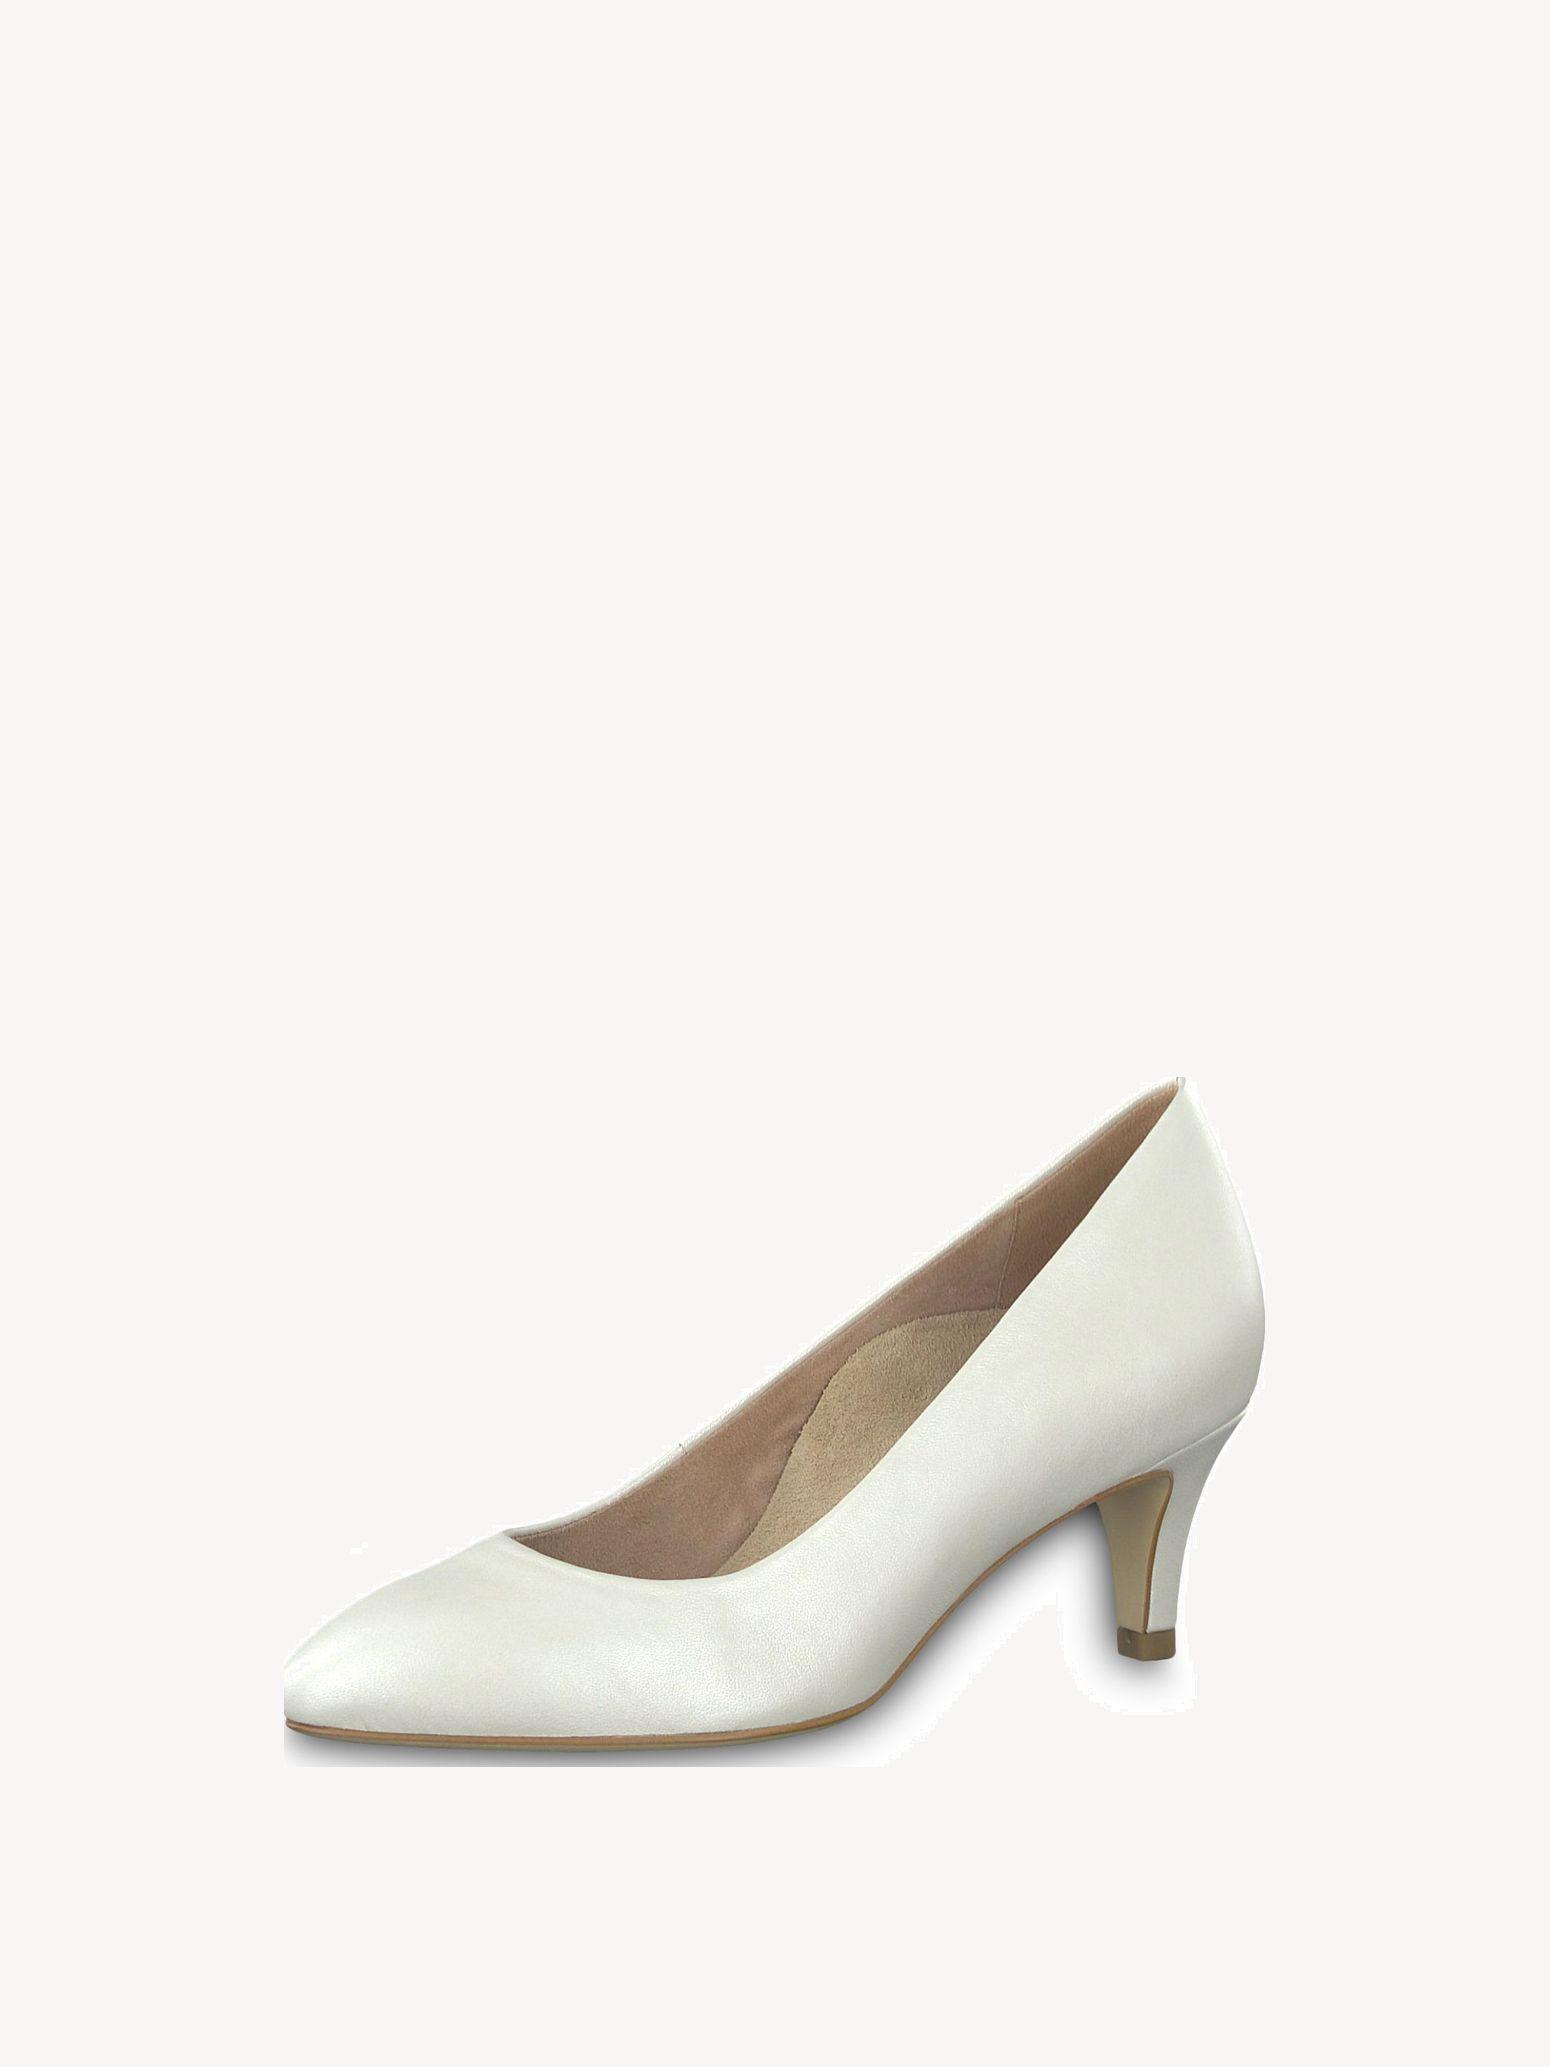 D F 101 41,42 Damen Schuh Marco Tozzi Pumps Größe High Heels